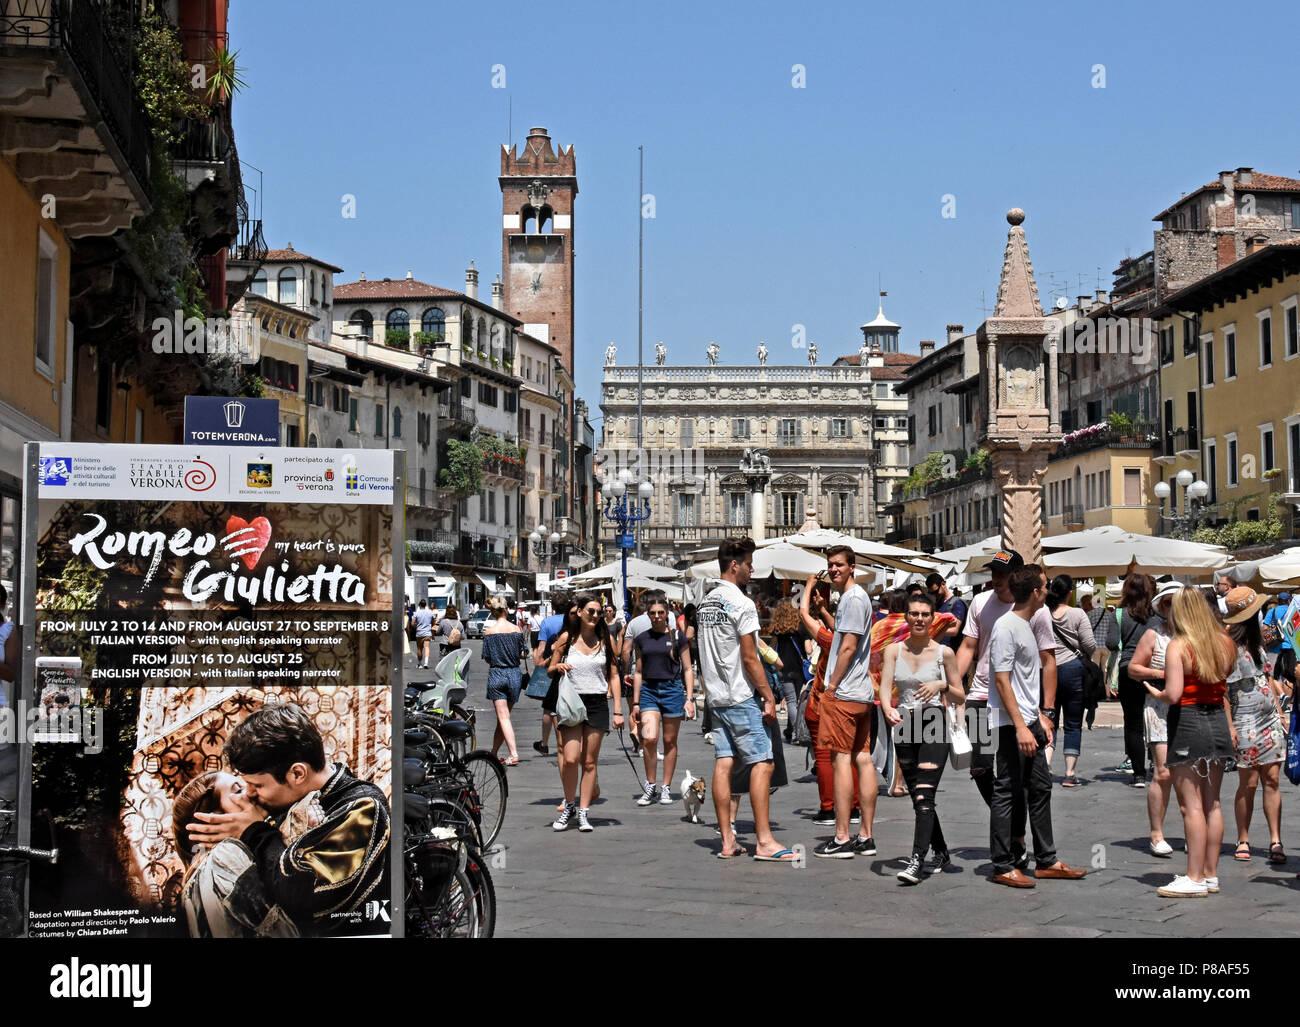 Marktstände vor dem Torre Dei Lamberti in der Piazza delle Erbe, Verona, Venetien, Italien, Italienisch. (William Shakespeare's Romeo und Julia, die zum ersten Mal im Jahre 1597 veröffentlicht, gilt als die erste romantische Tragödie zu sein, die jemals geschrieben wurden. ) Stockbild